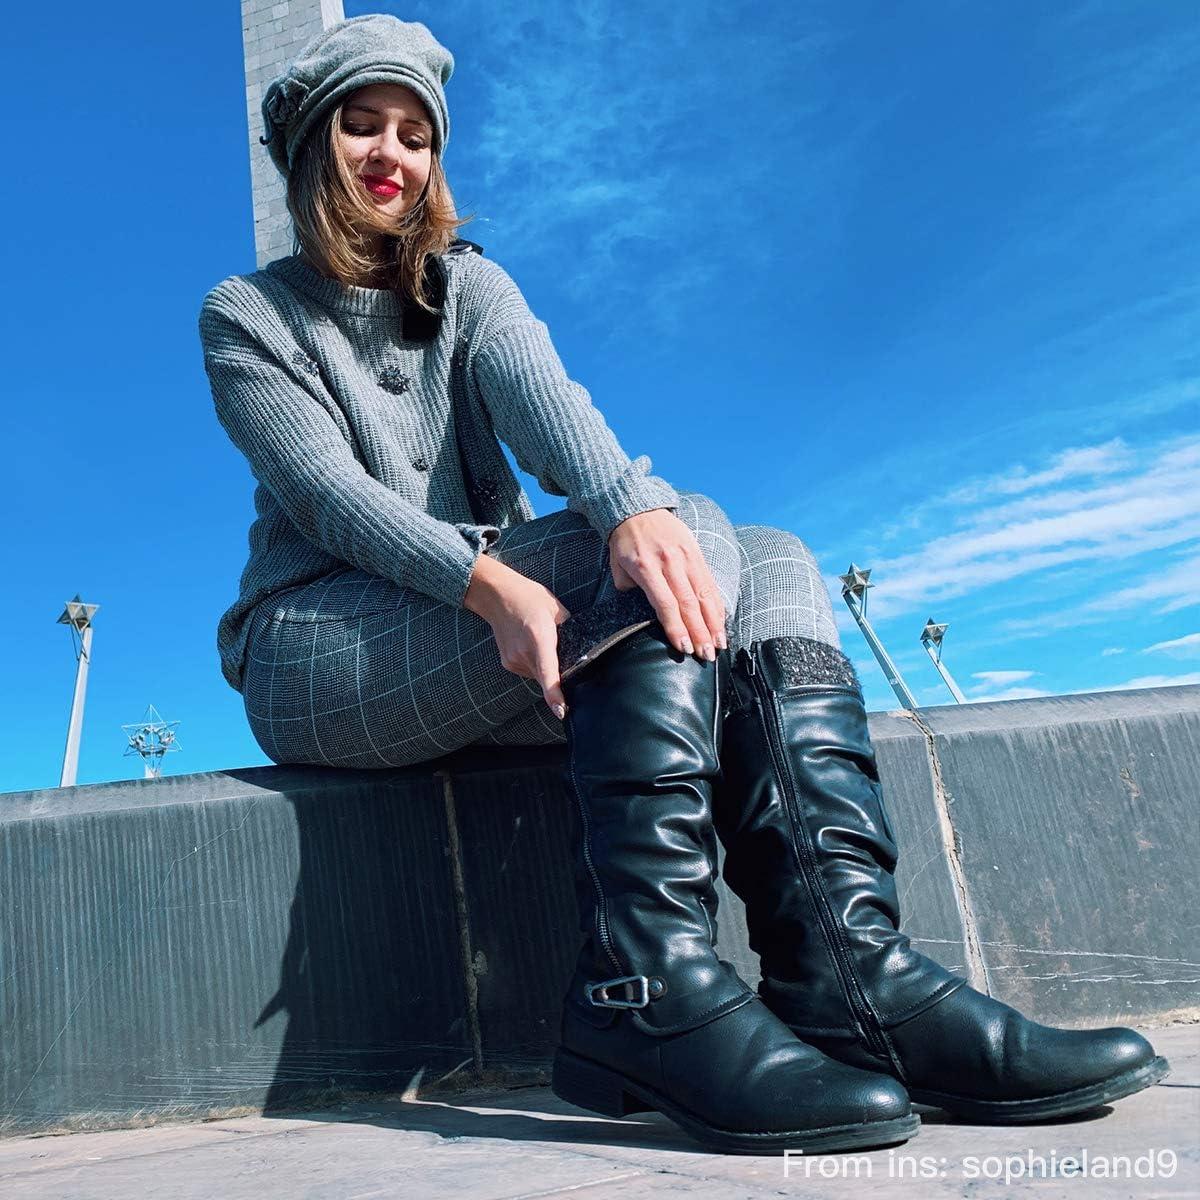 Ladies Women/'s Winter Buckle Snow Flat Low Heel Warm Knee High Fur Lined Boots